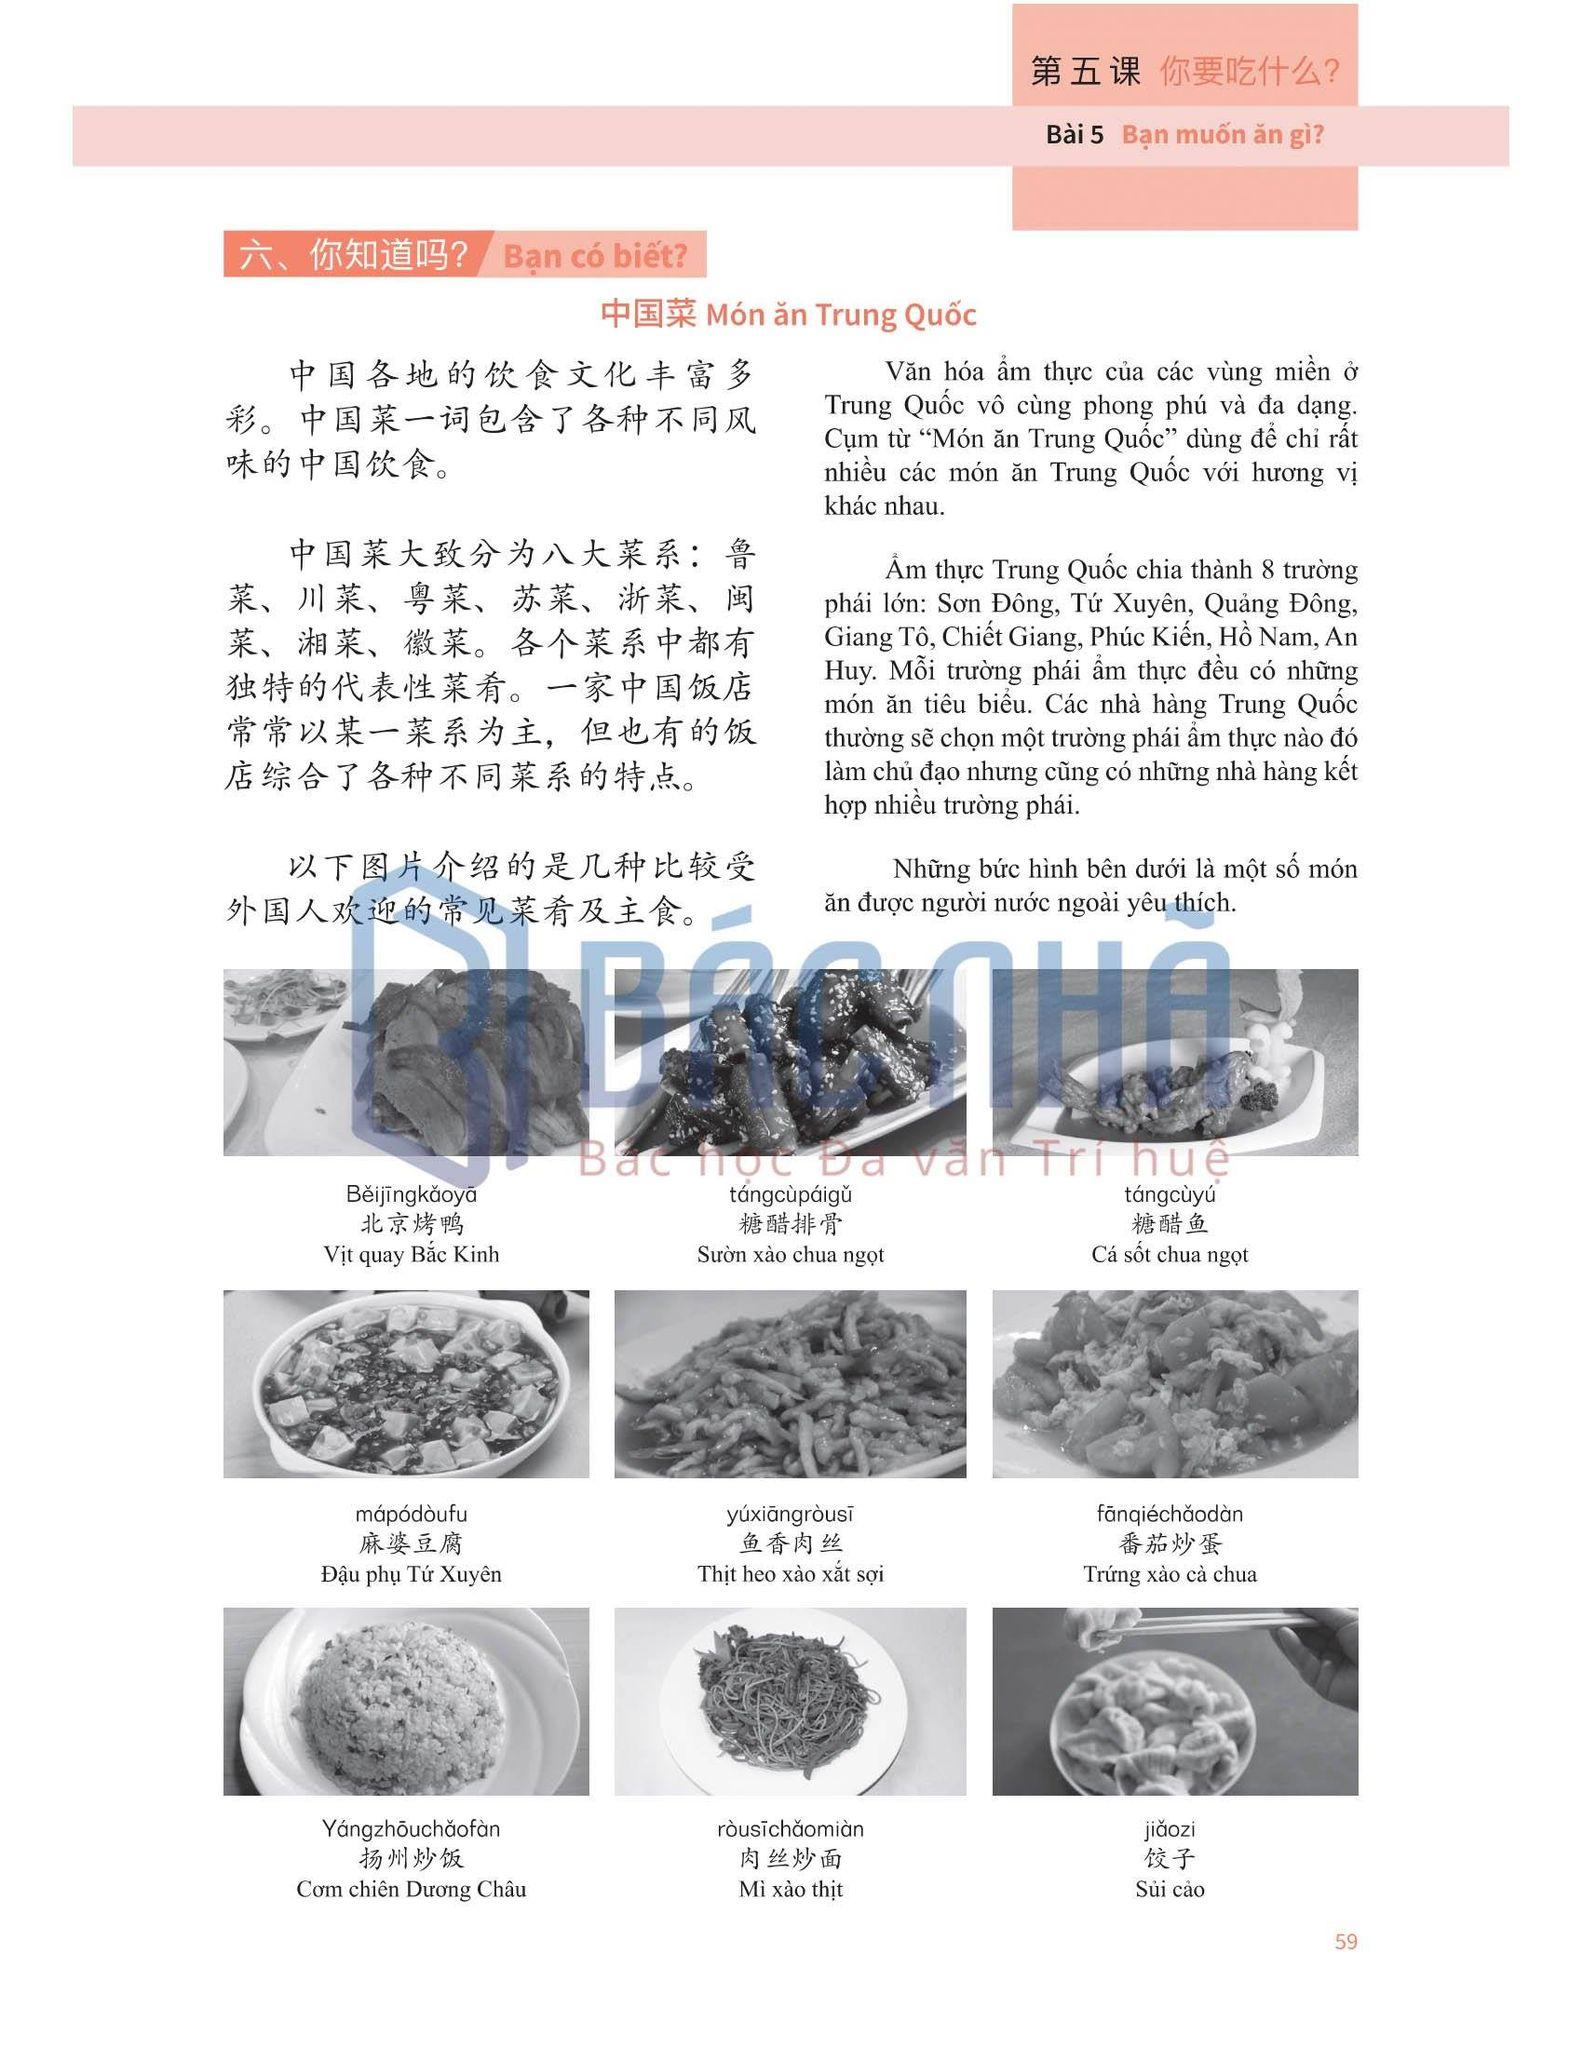 Hình ảnh Giáo trình Hán ngữ đại học Bắc Kinh MSUTONG mới nhất 5